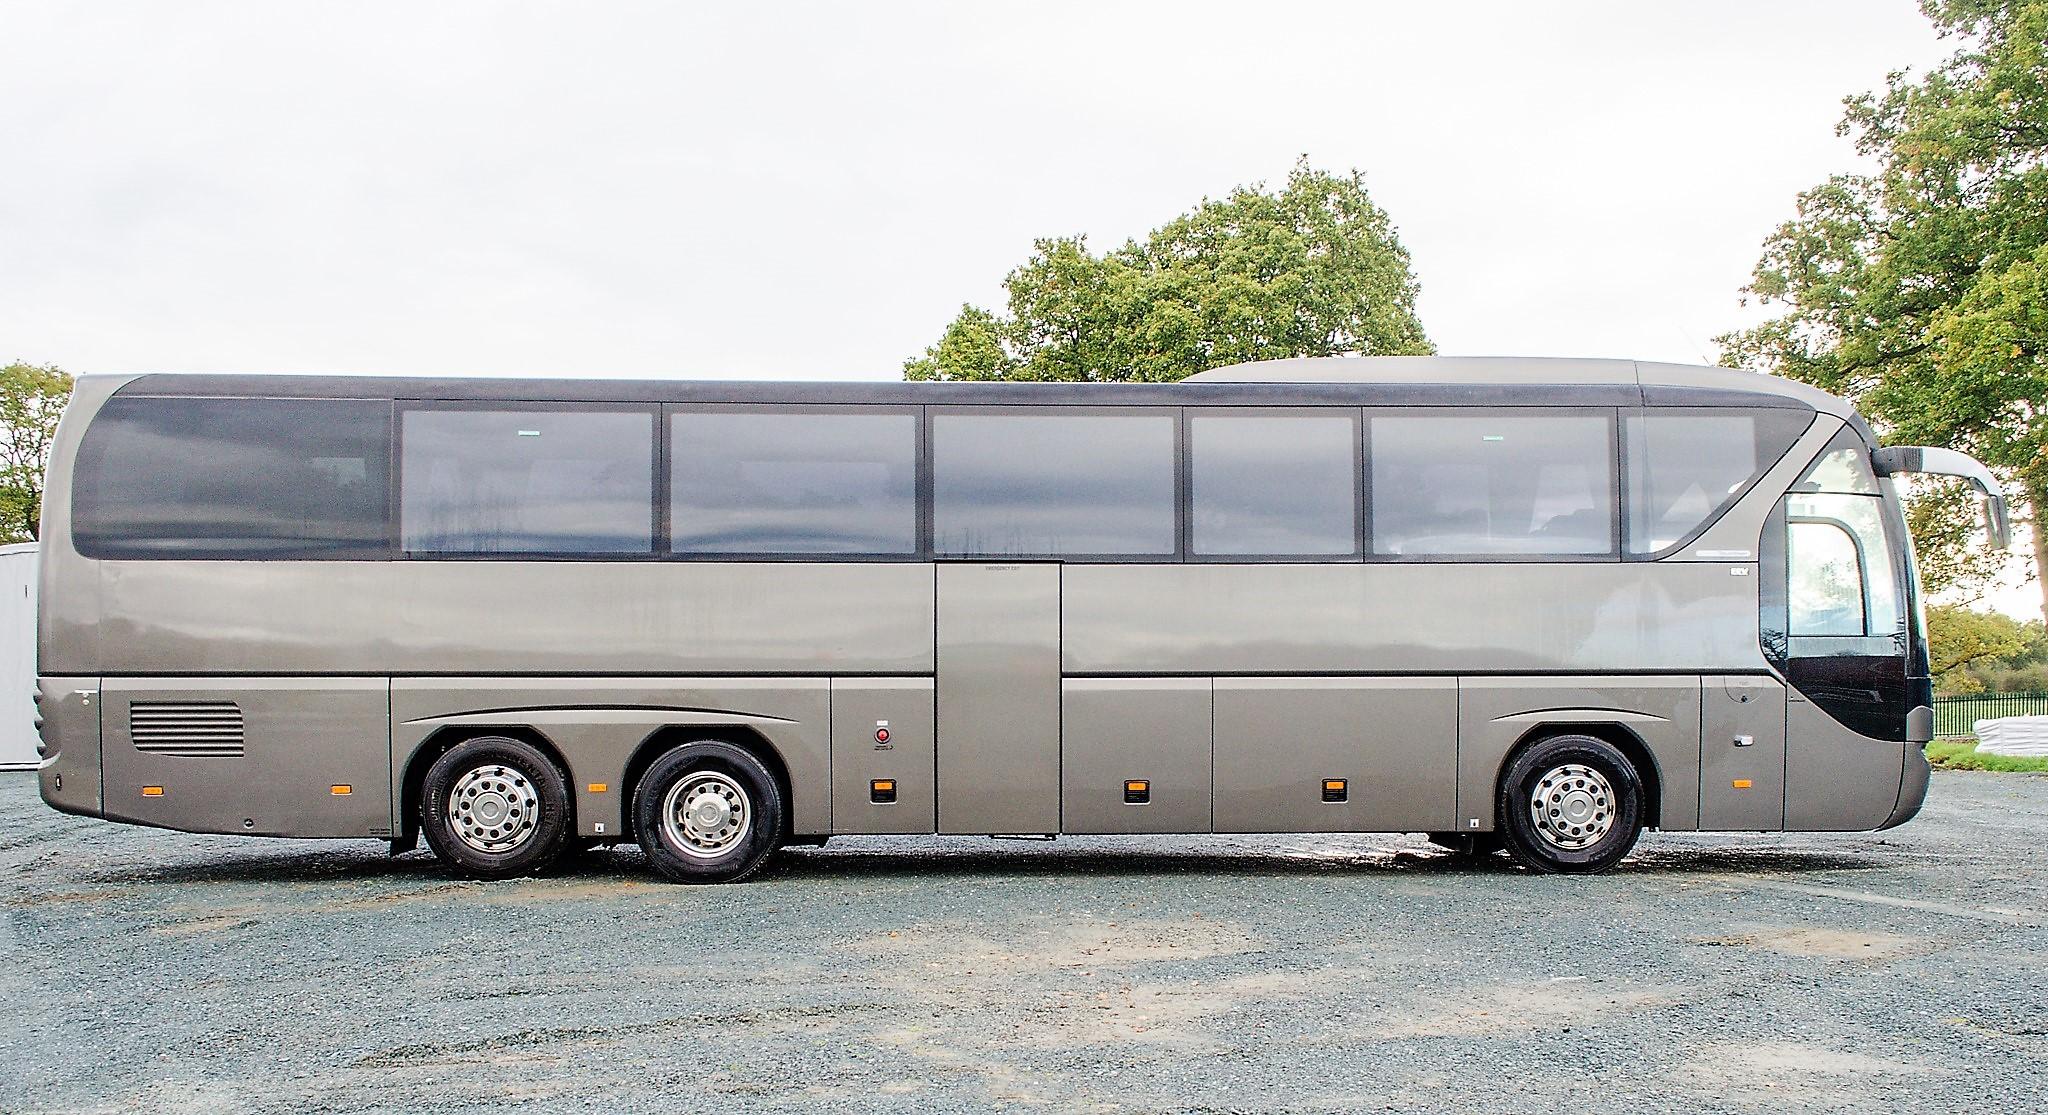 MAN Neoplan Tourliner 53 seat luxury coach Registration Number: MT61 HVF Date of Registration: 01/ - Image 8 of 21